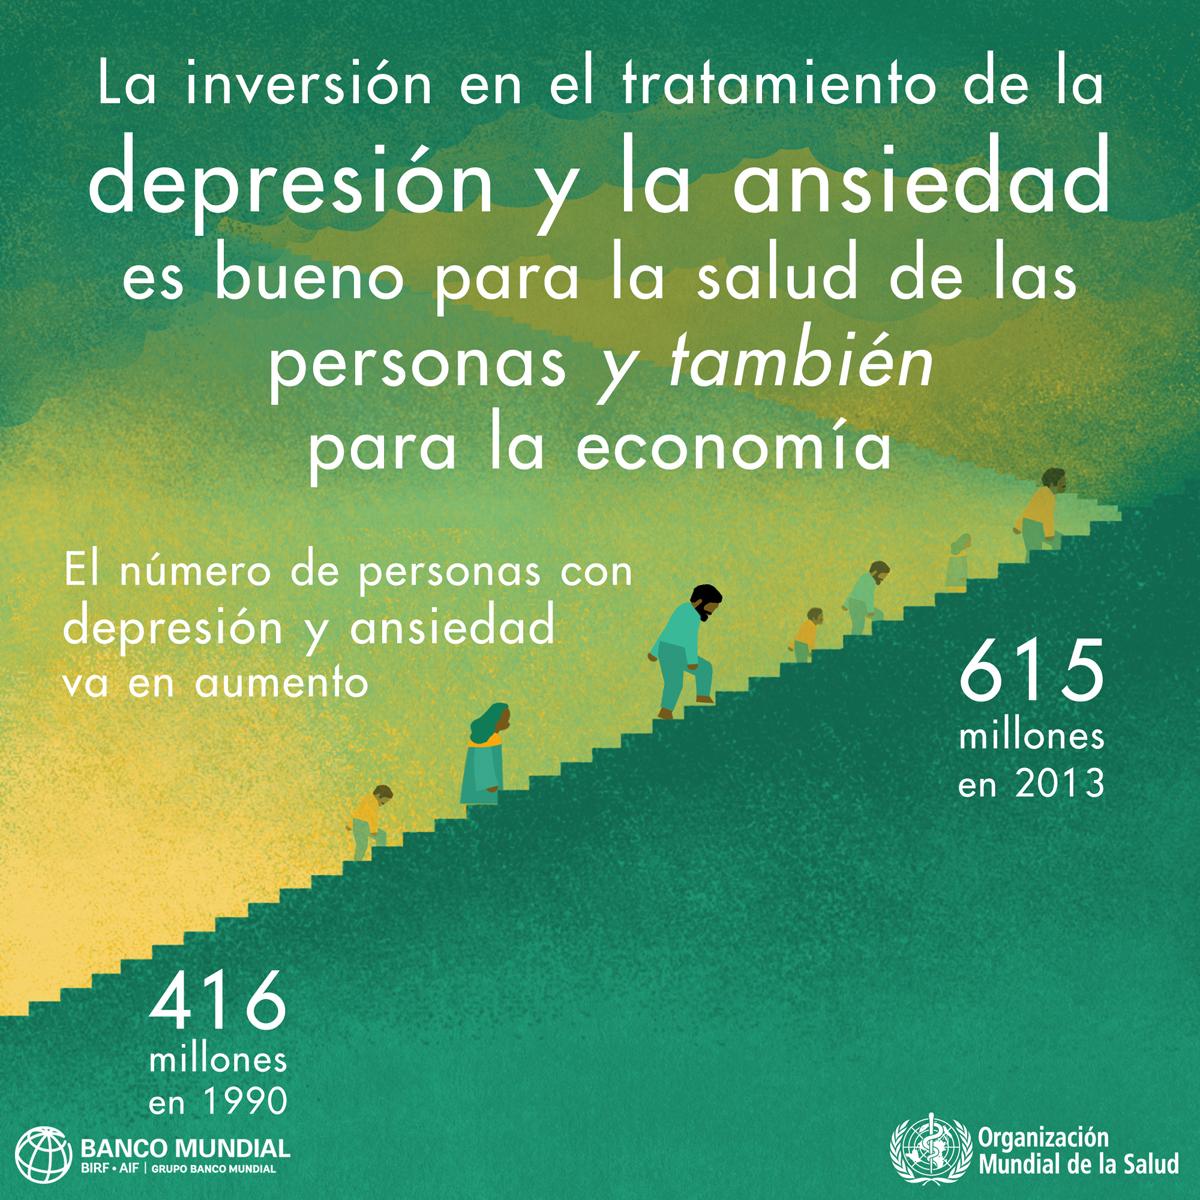 La OMS alerta de que los casos de depresión han crecido un 18% en la última década